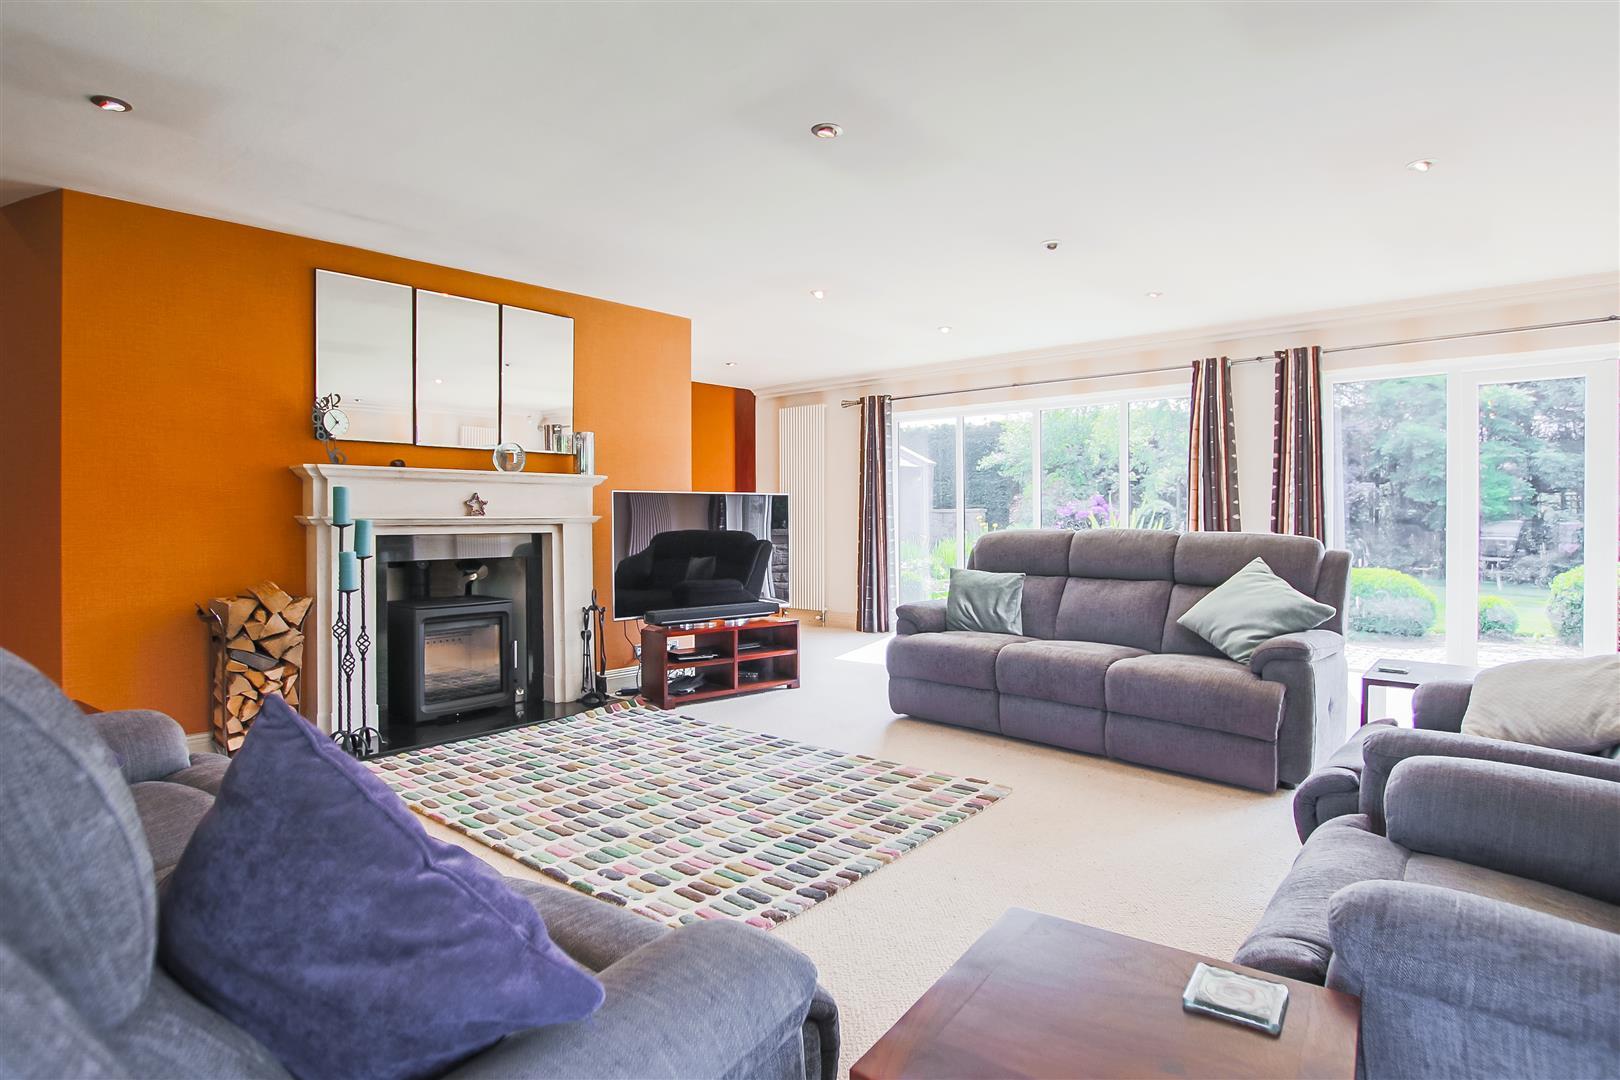 6 Bedroom Detached House For Sale - Living room